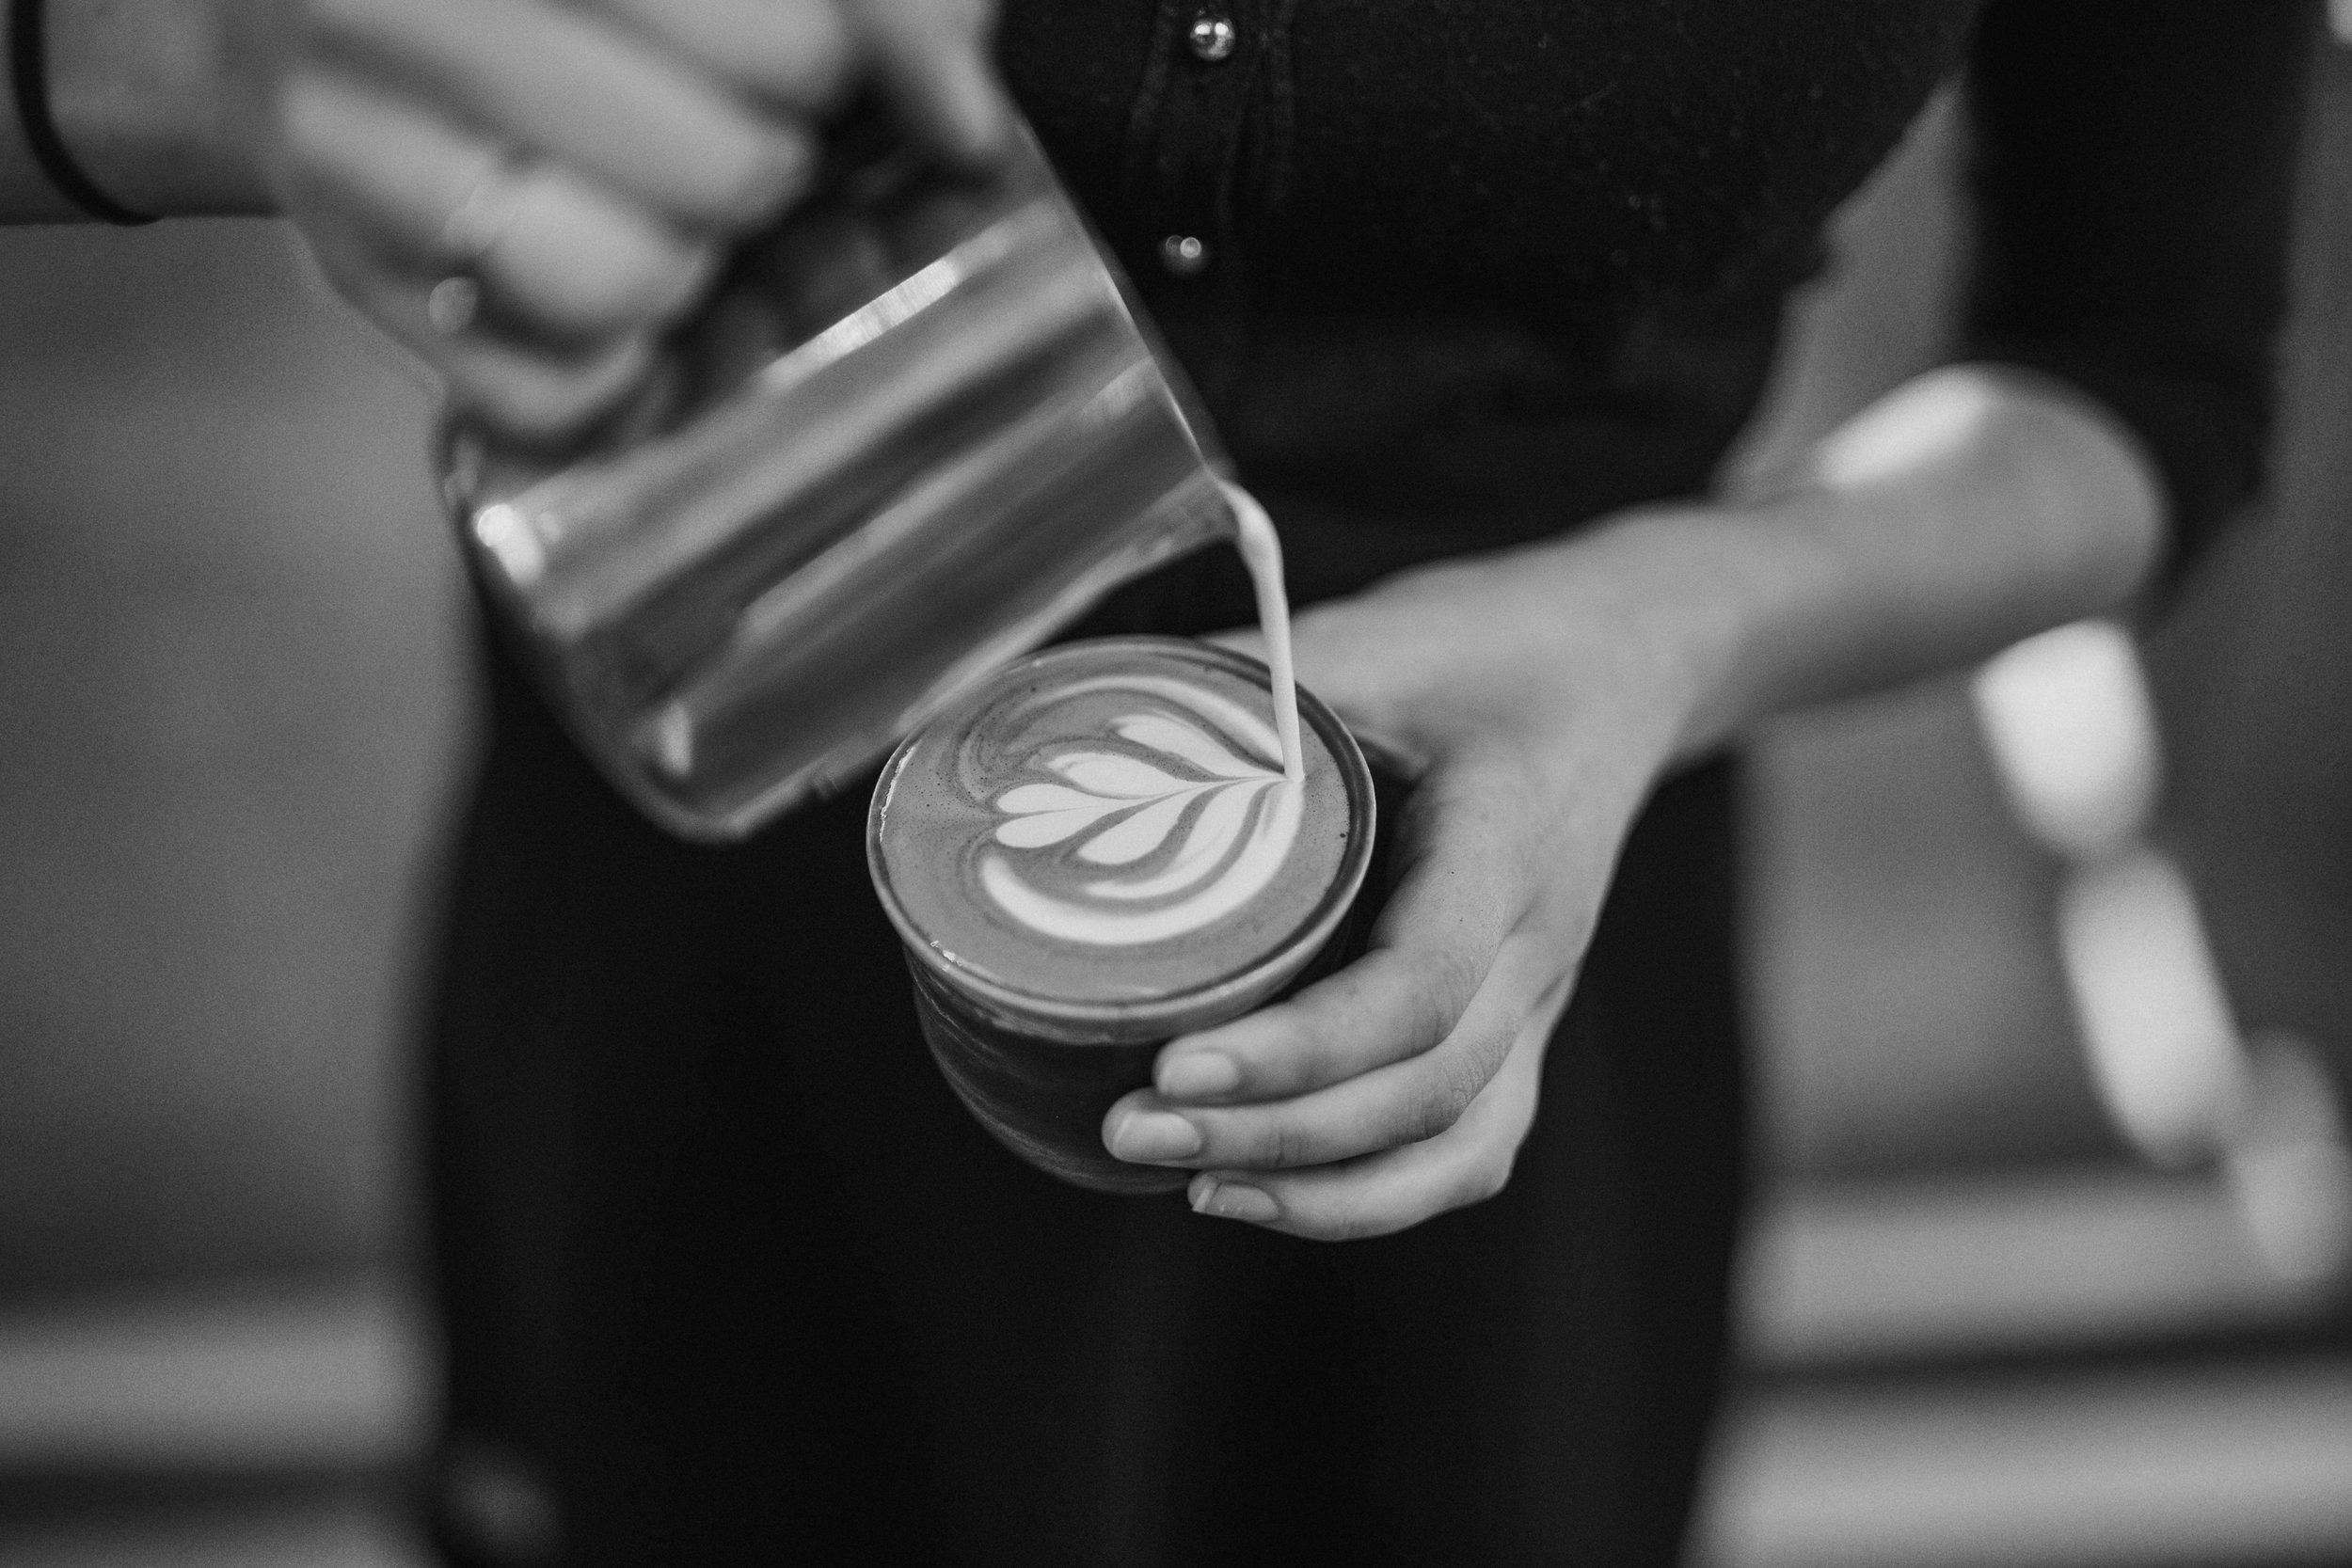 A barista pours latte art into a cup.